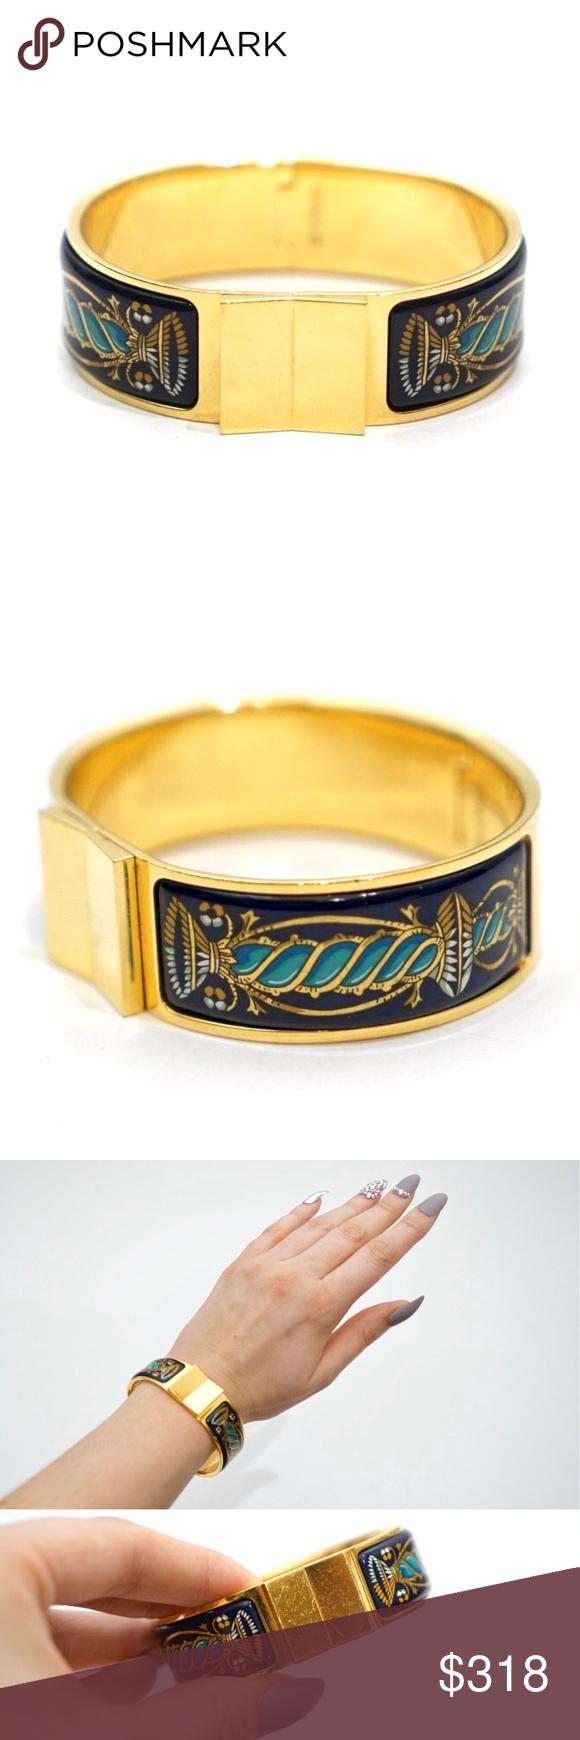 Hermes Vintage Loquet Enamel Clic Bracelet 100 Authentic Designer Hermes Bracelet Vintage Gold Loqu Vintage Hermes Enamel Bracelet Womens Jewelry Bracelets